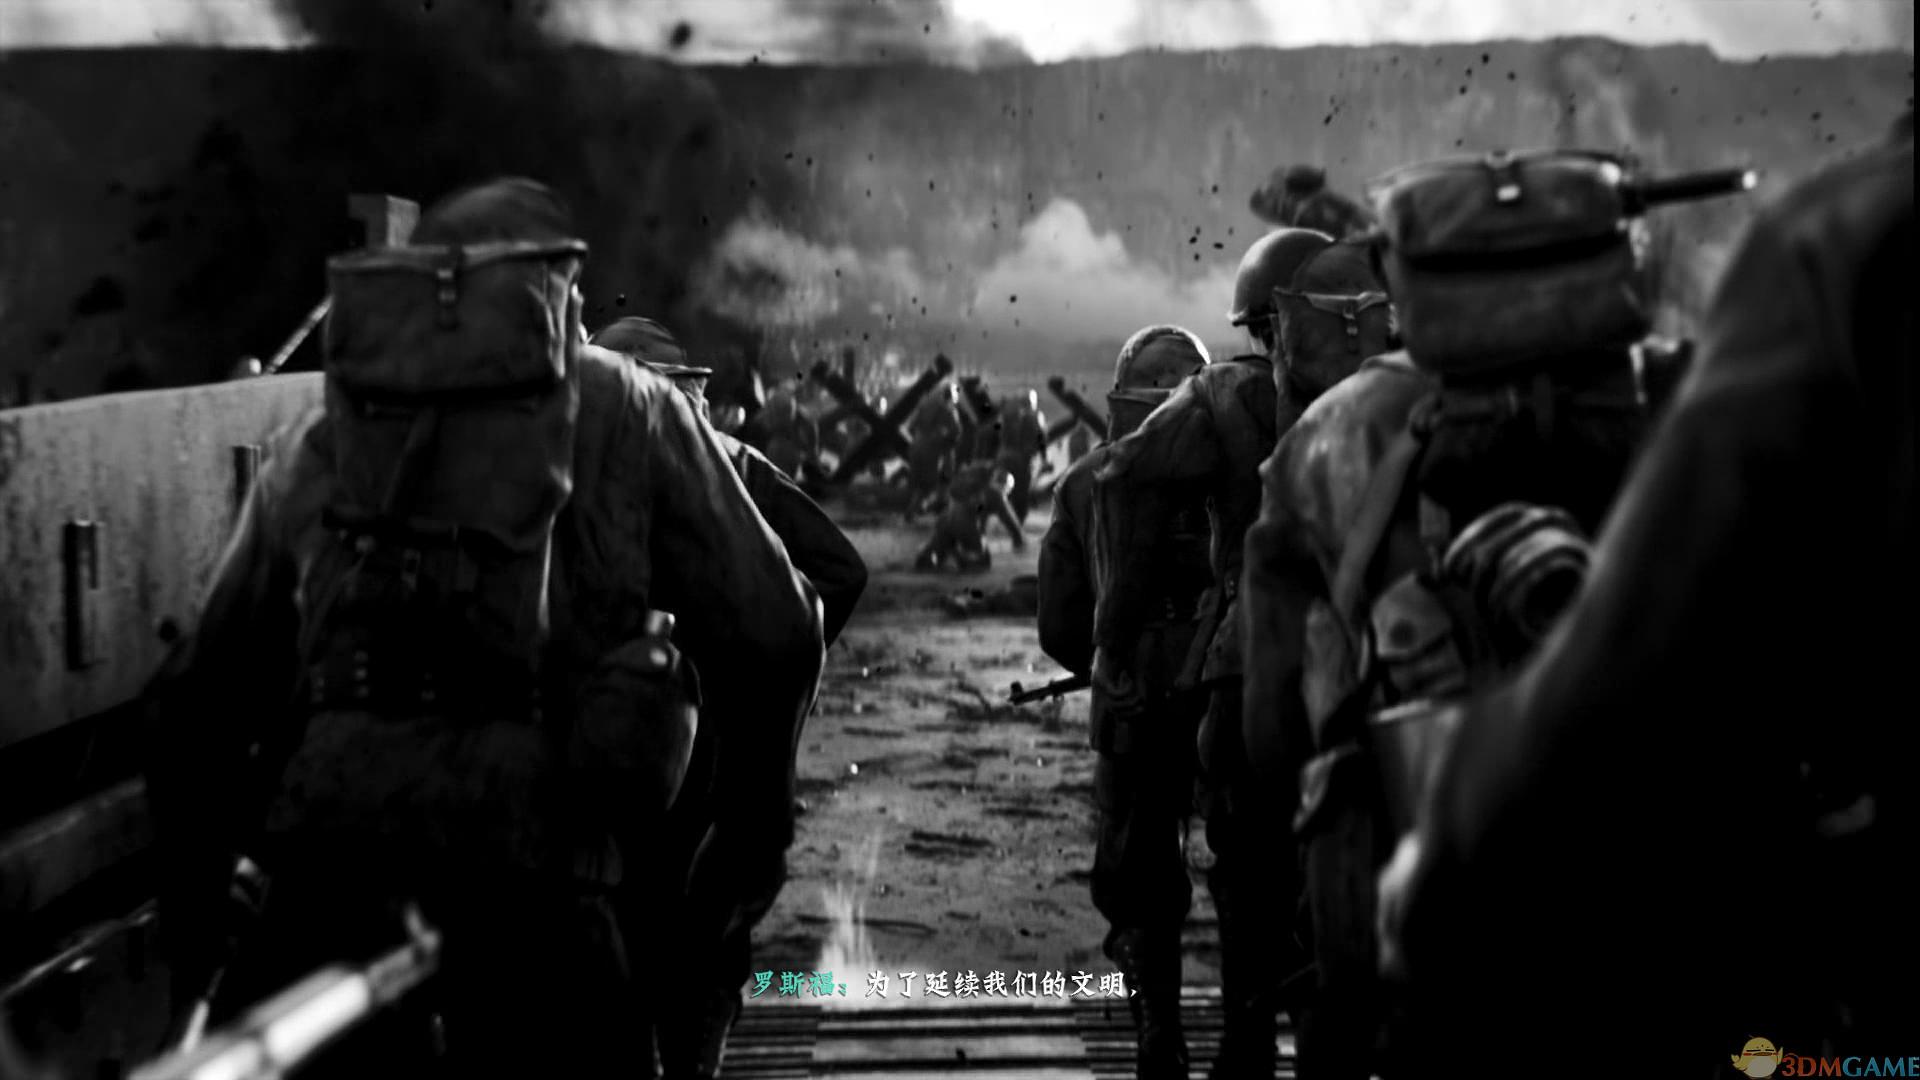 使命召唤14:二战 (Call of Duty: WWII)【新版v1.25.2244937】插图3